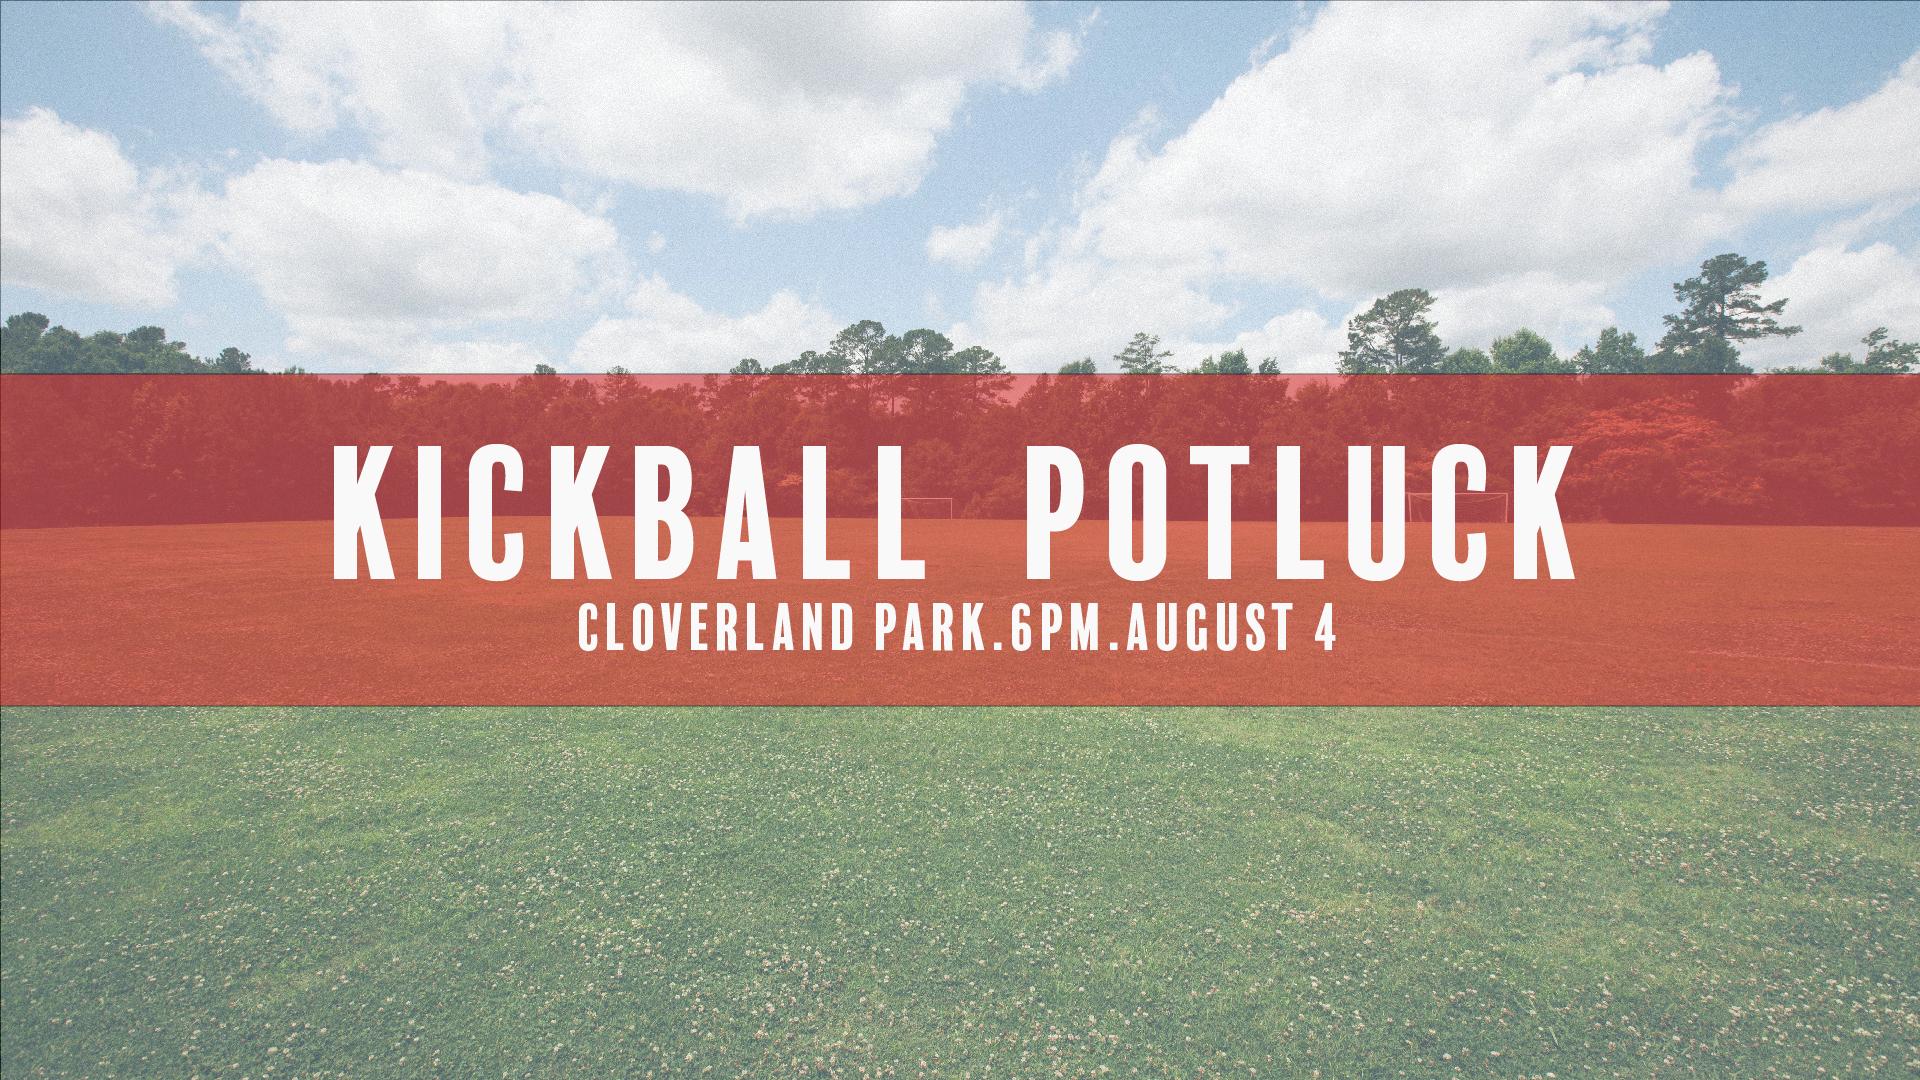 Kickball-01.jpg